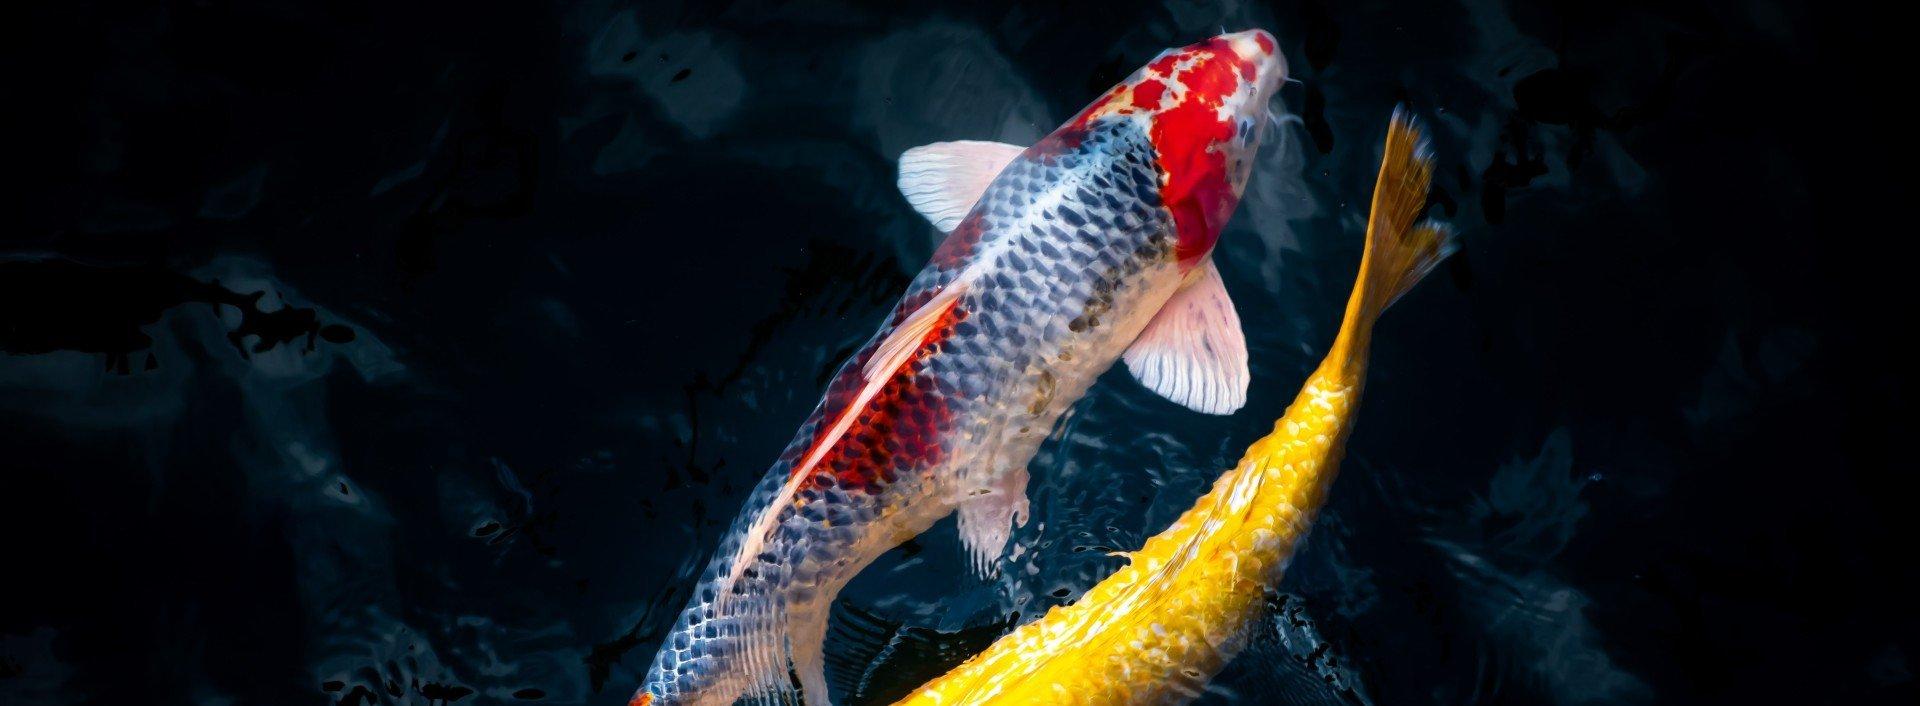 Antonyme im Englischen: Zwei verschiedenfarbige Koi-Fische bewegen sich im dunklen Wasser in entgegengesetzter Richtung.